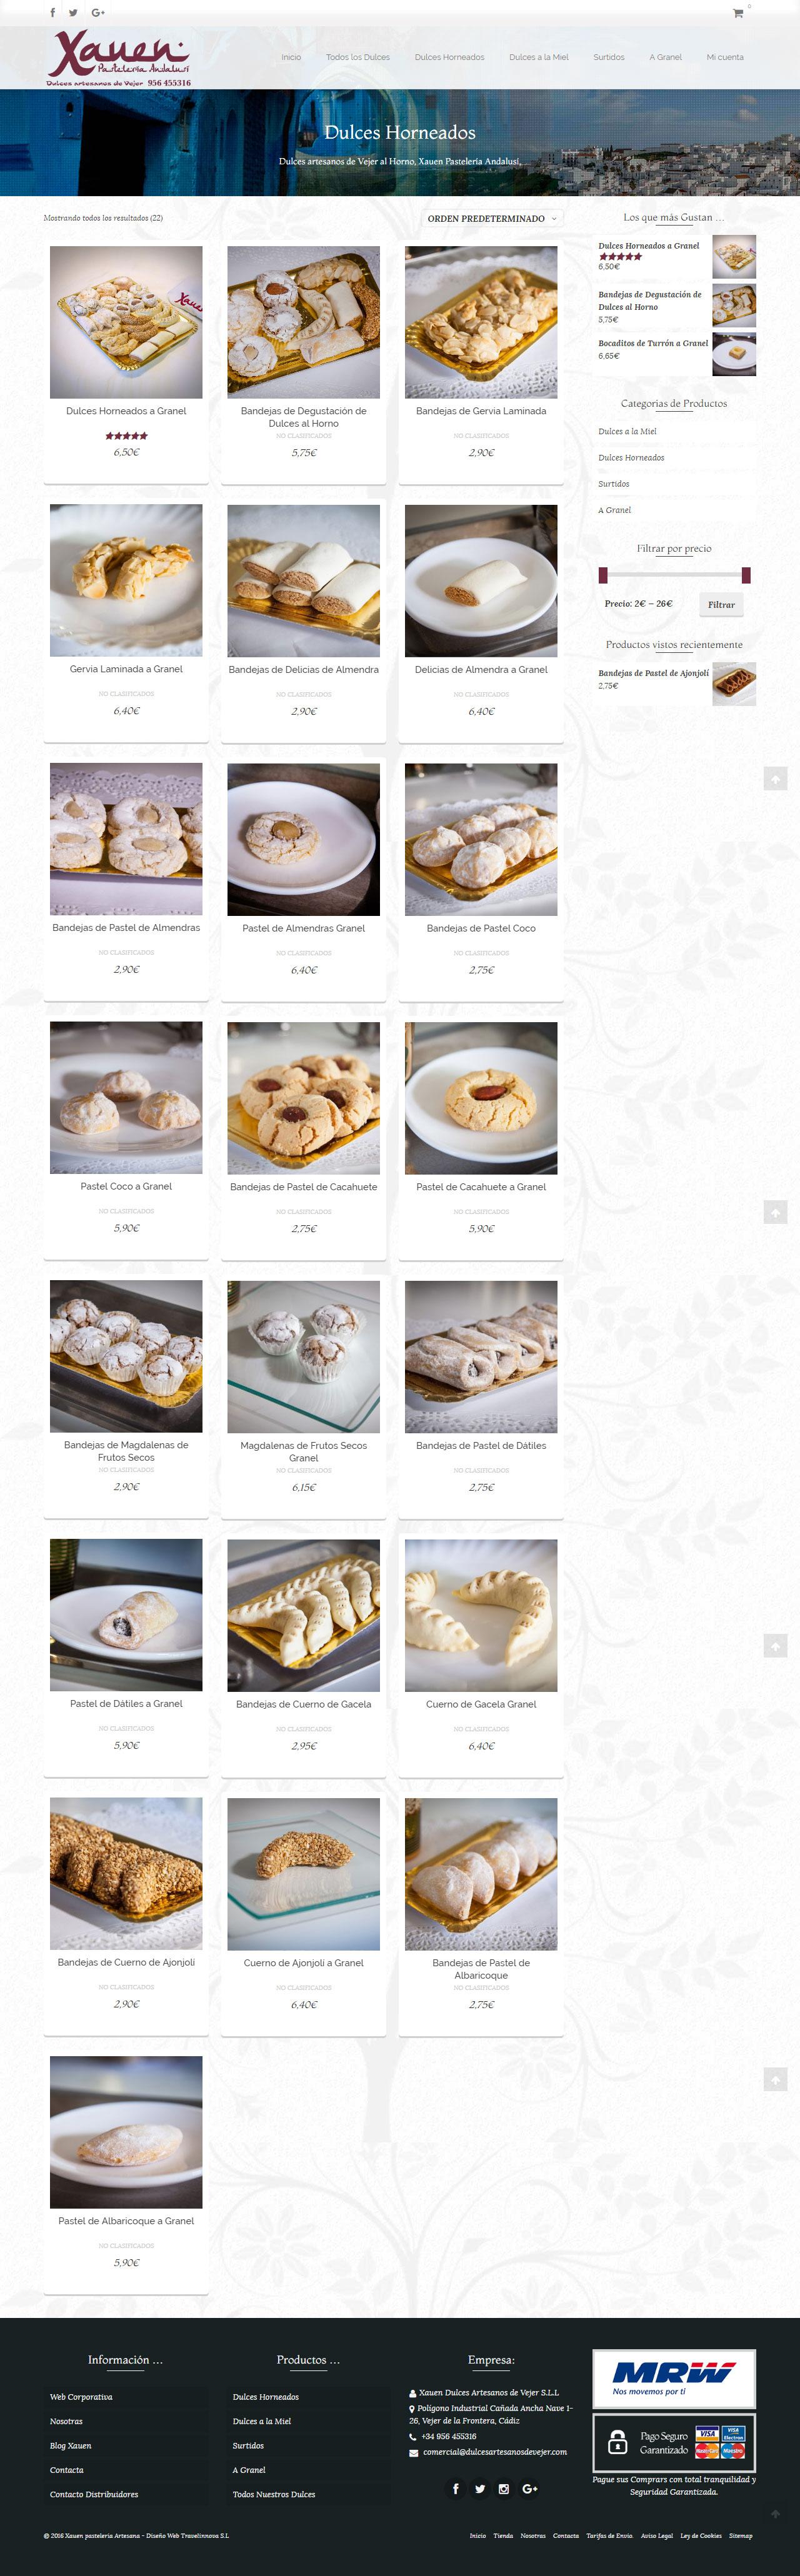 003-xauen-categoria-dulces-horno